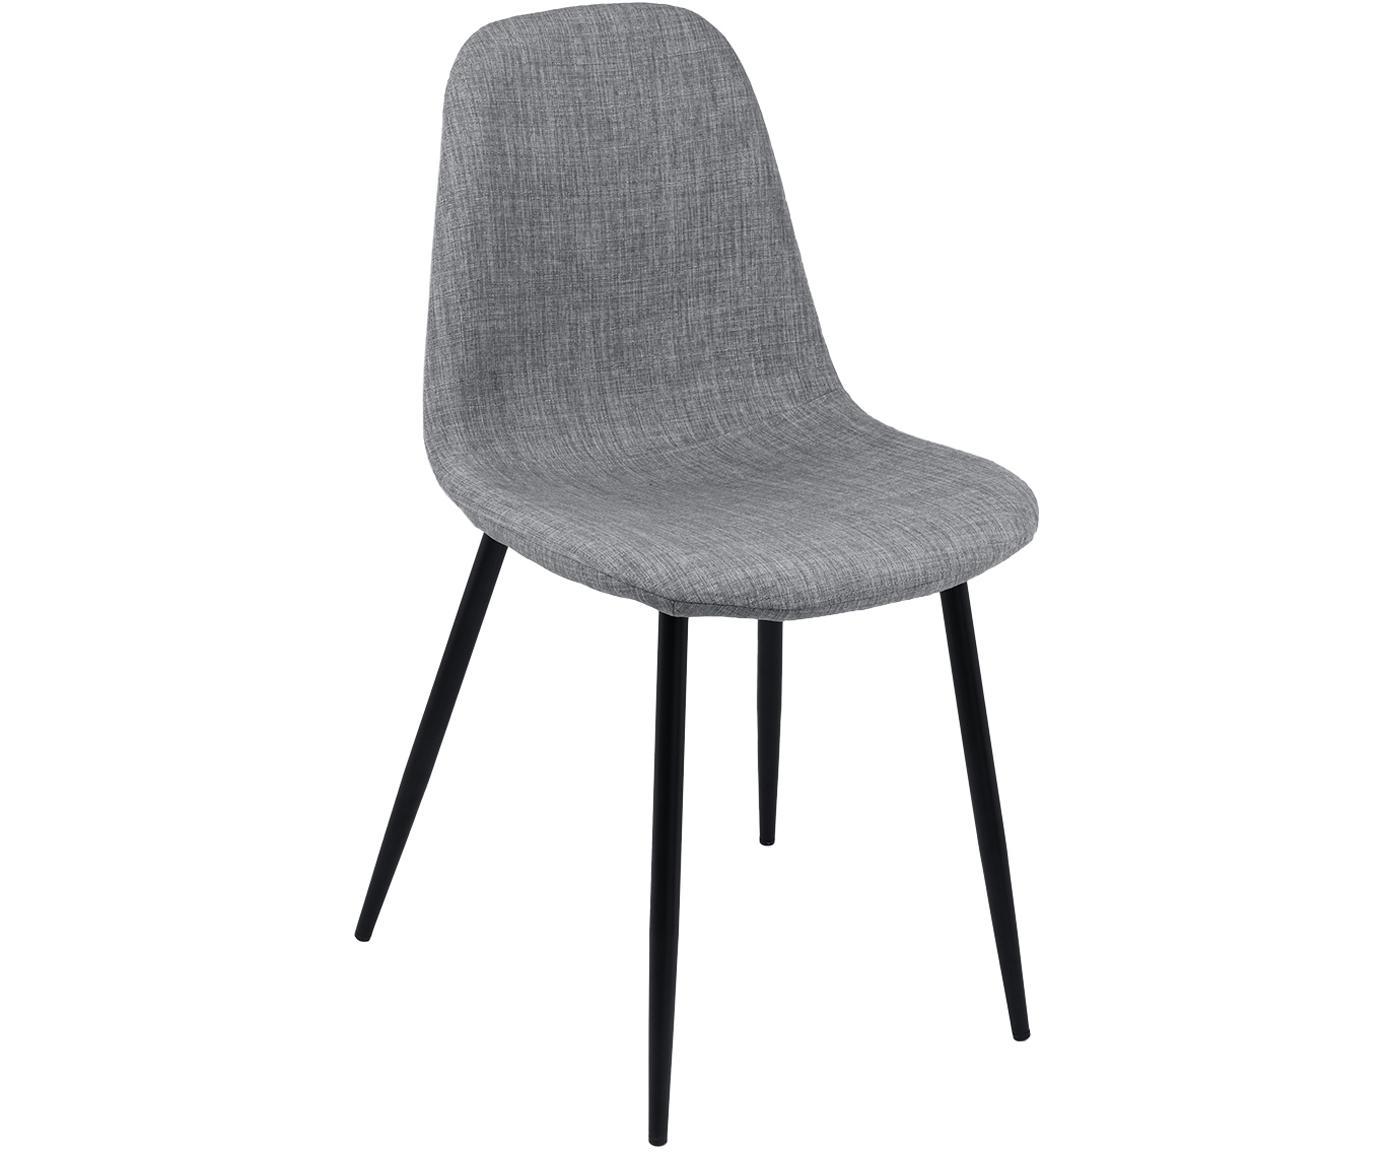 Krzesło tapicerowane Karla, 2 szt., Tapicerka: 100% poliester, Nogi: metal, Tapicerka: jasny szary Nogi: czarny, S 44 x G 53 cm